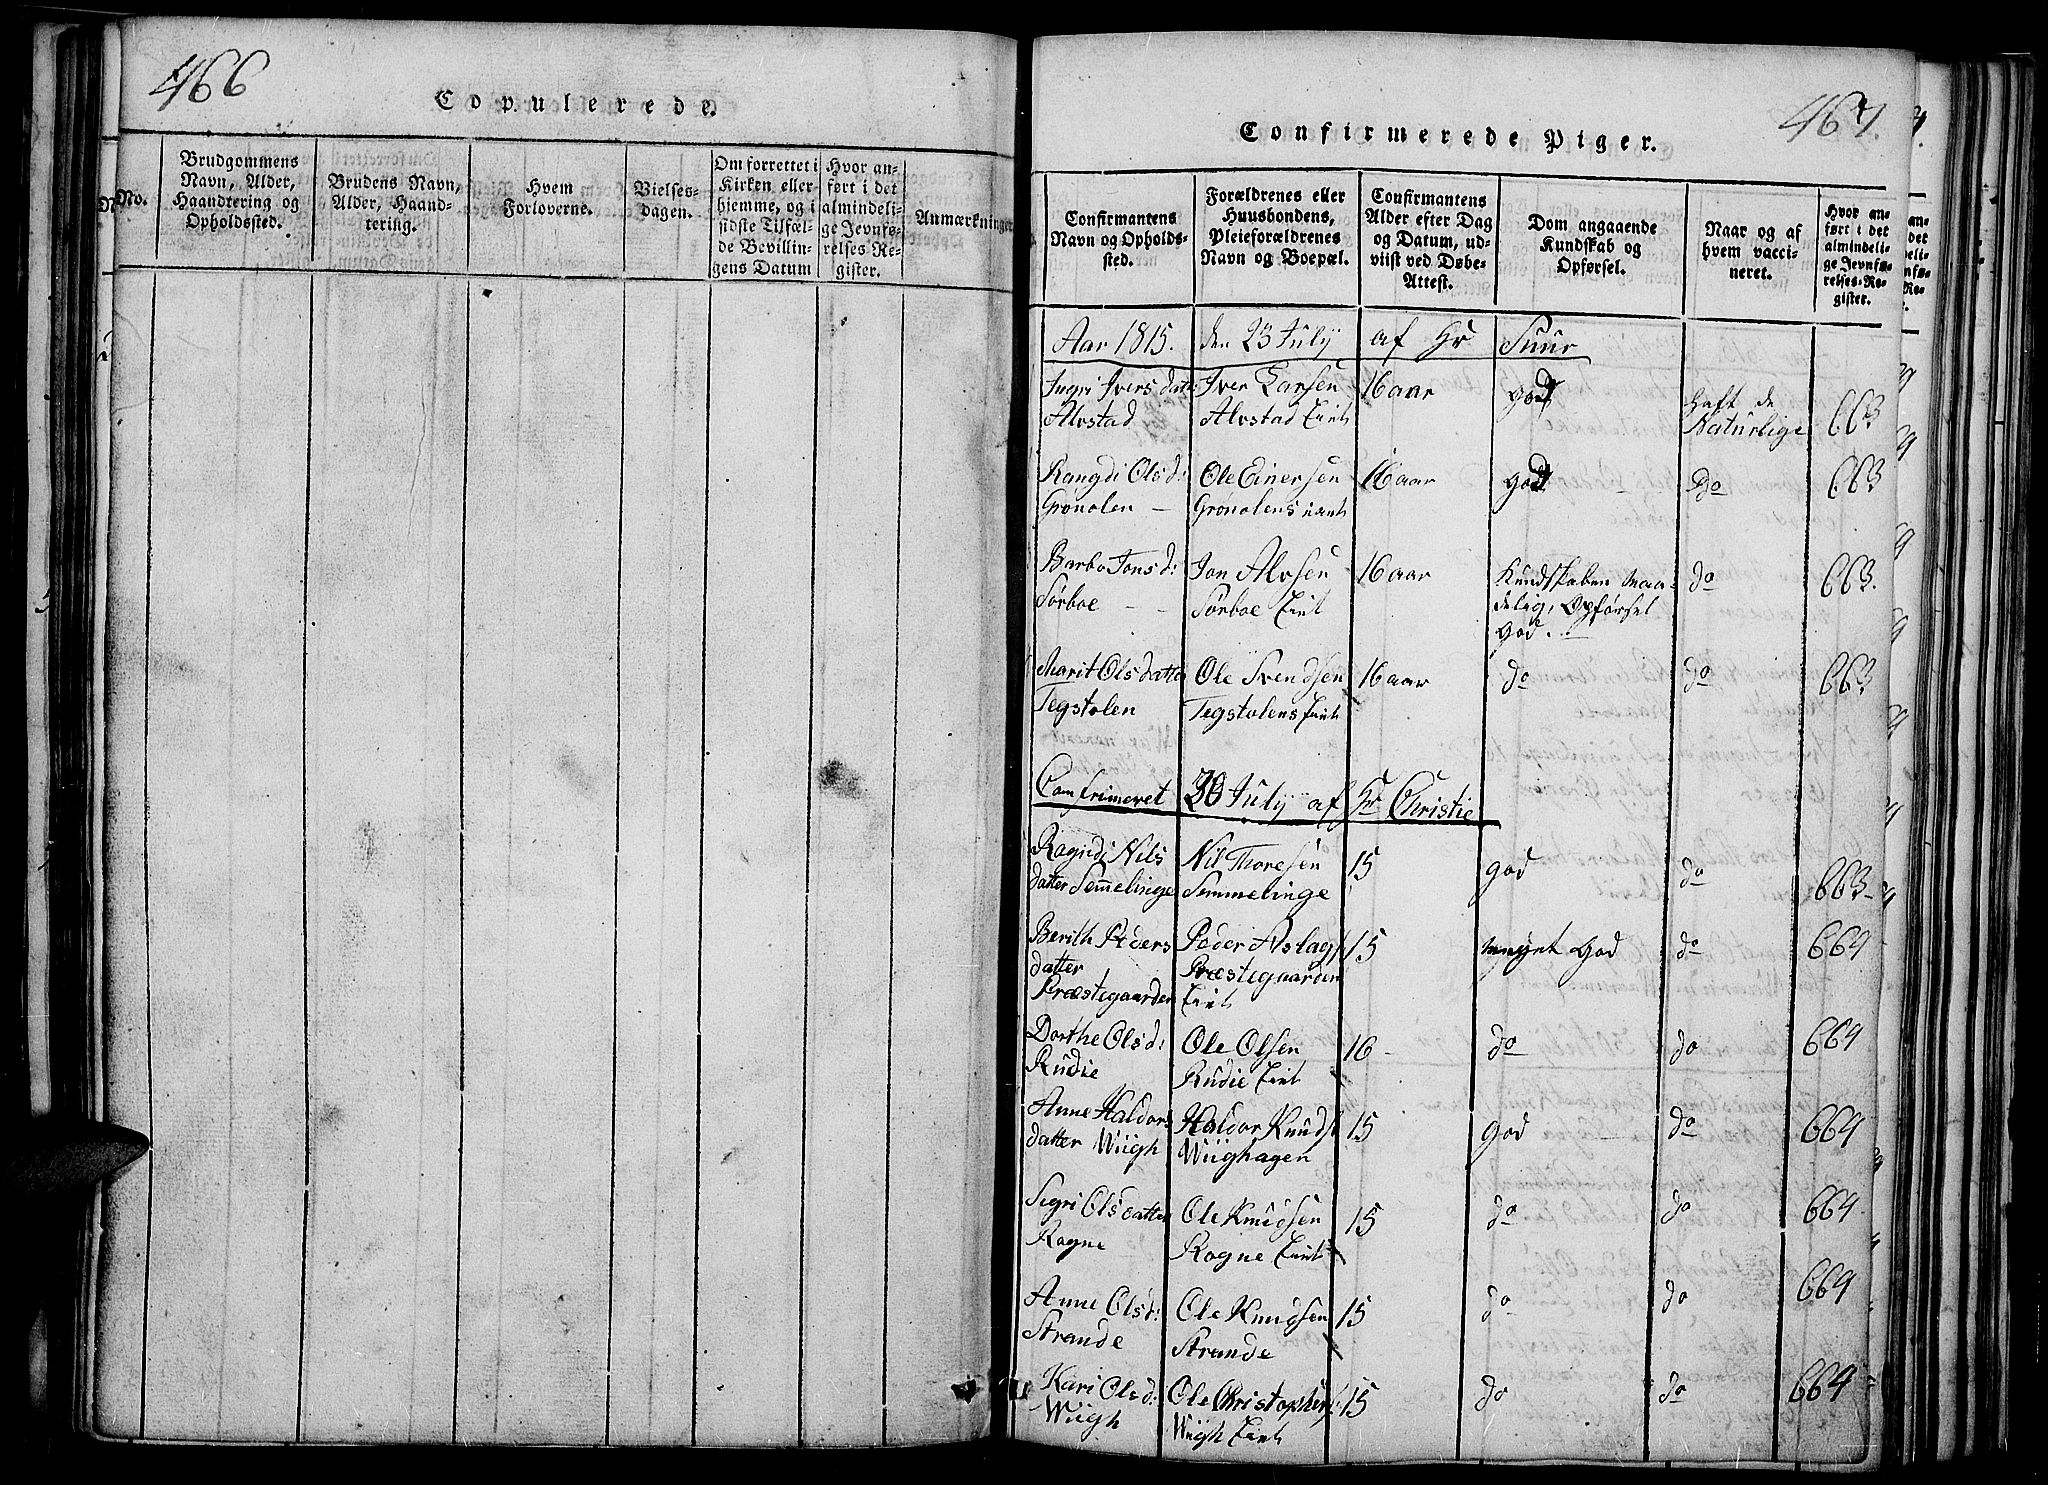 SAH, Slidre prestekontor, Ministerialbok nr. 2, 1814-1830, s. 466-467